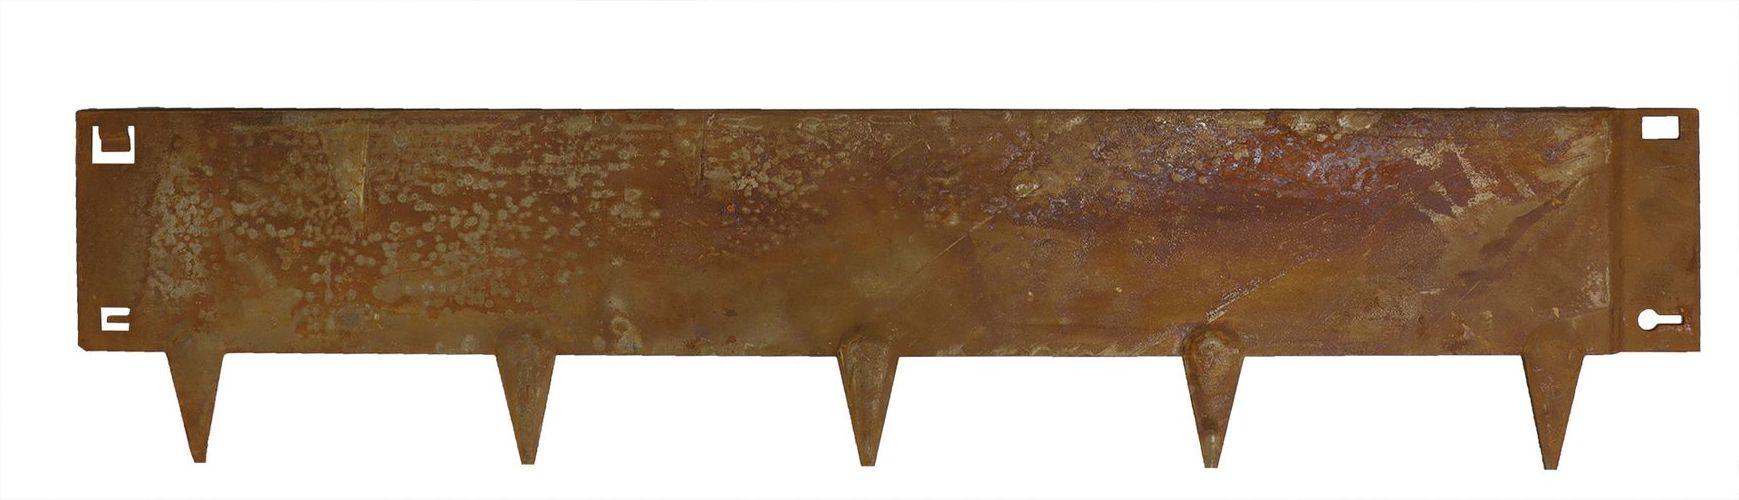 Cortenstaal Borderrand 24 x 106 cm Flexibel - Per Stuk